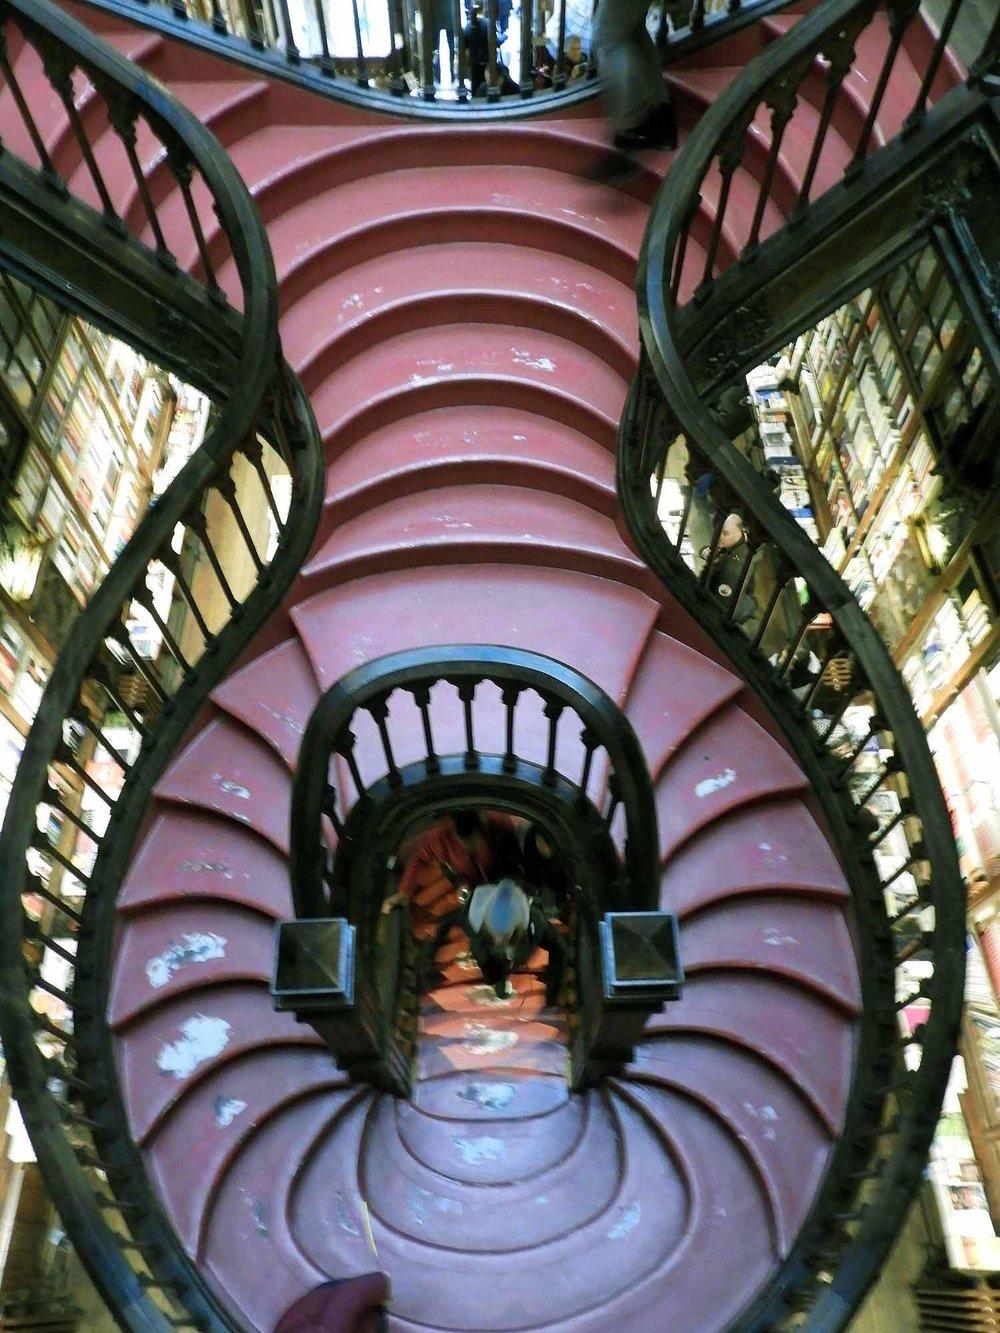 portugal-porto-oporto-livraria-lello-lello-sons-bookstore-jk-rowling-bookstore-stairs.JPG